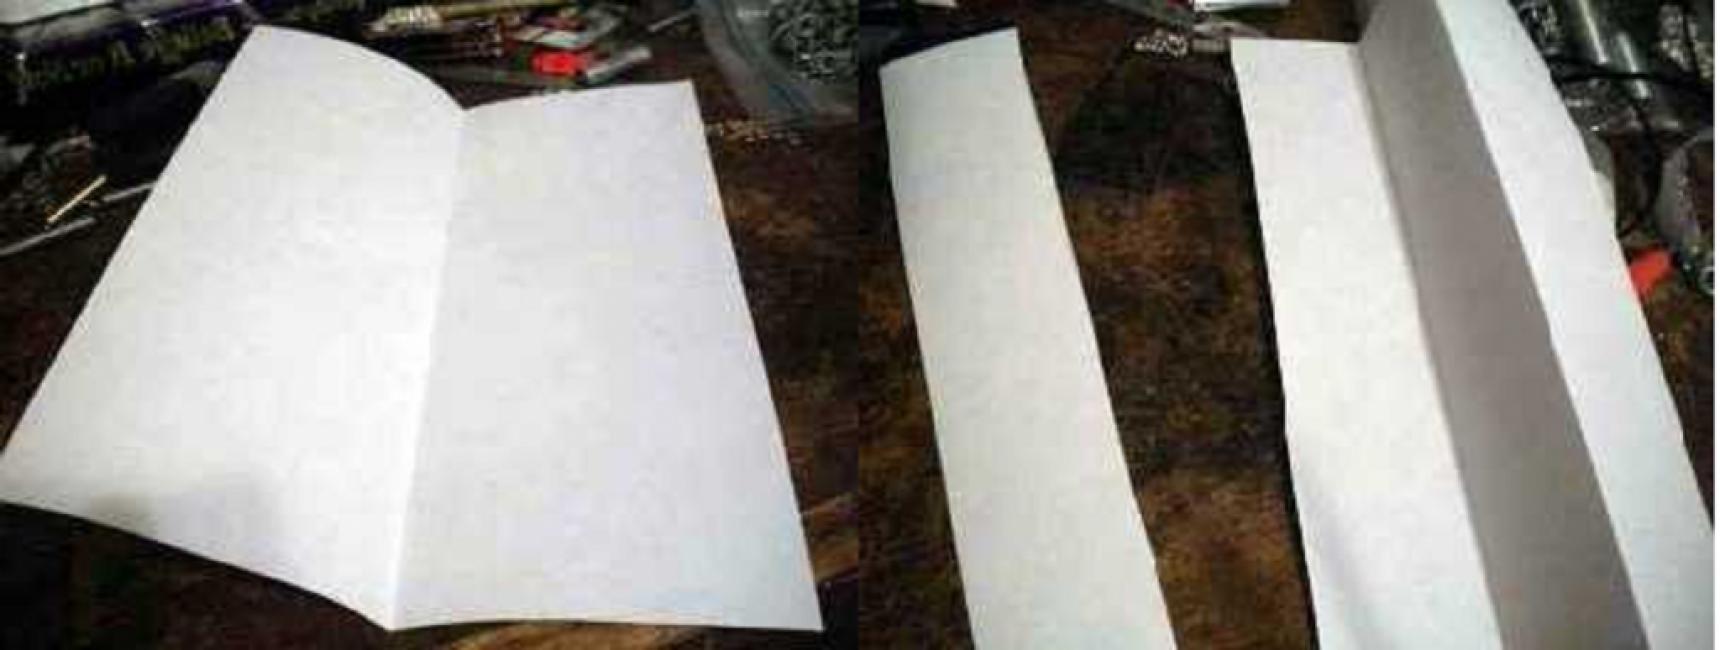 Лист офисной бумаги